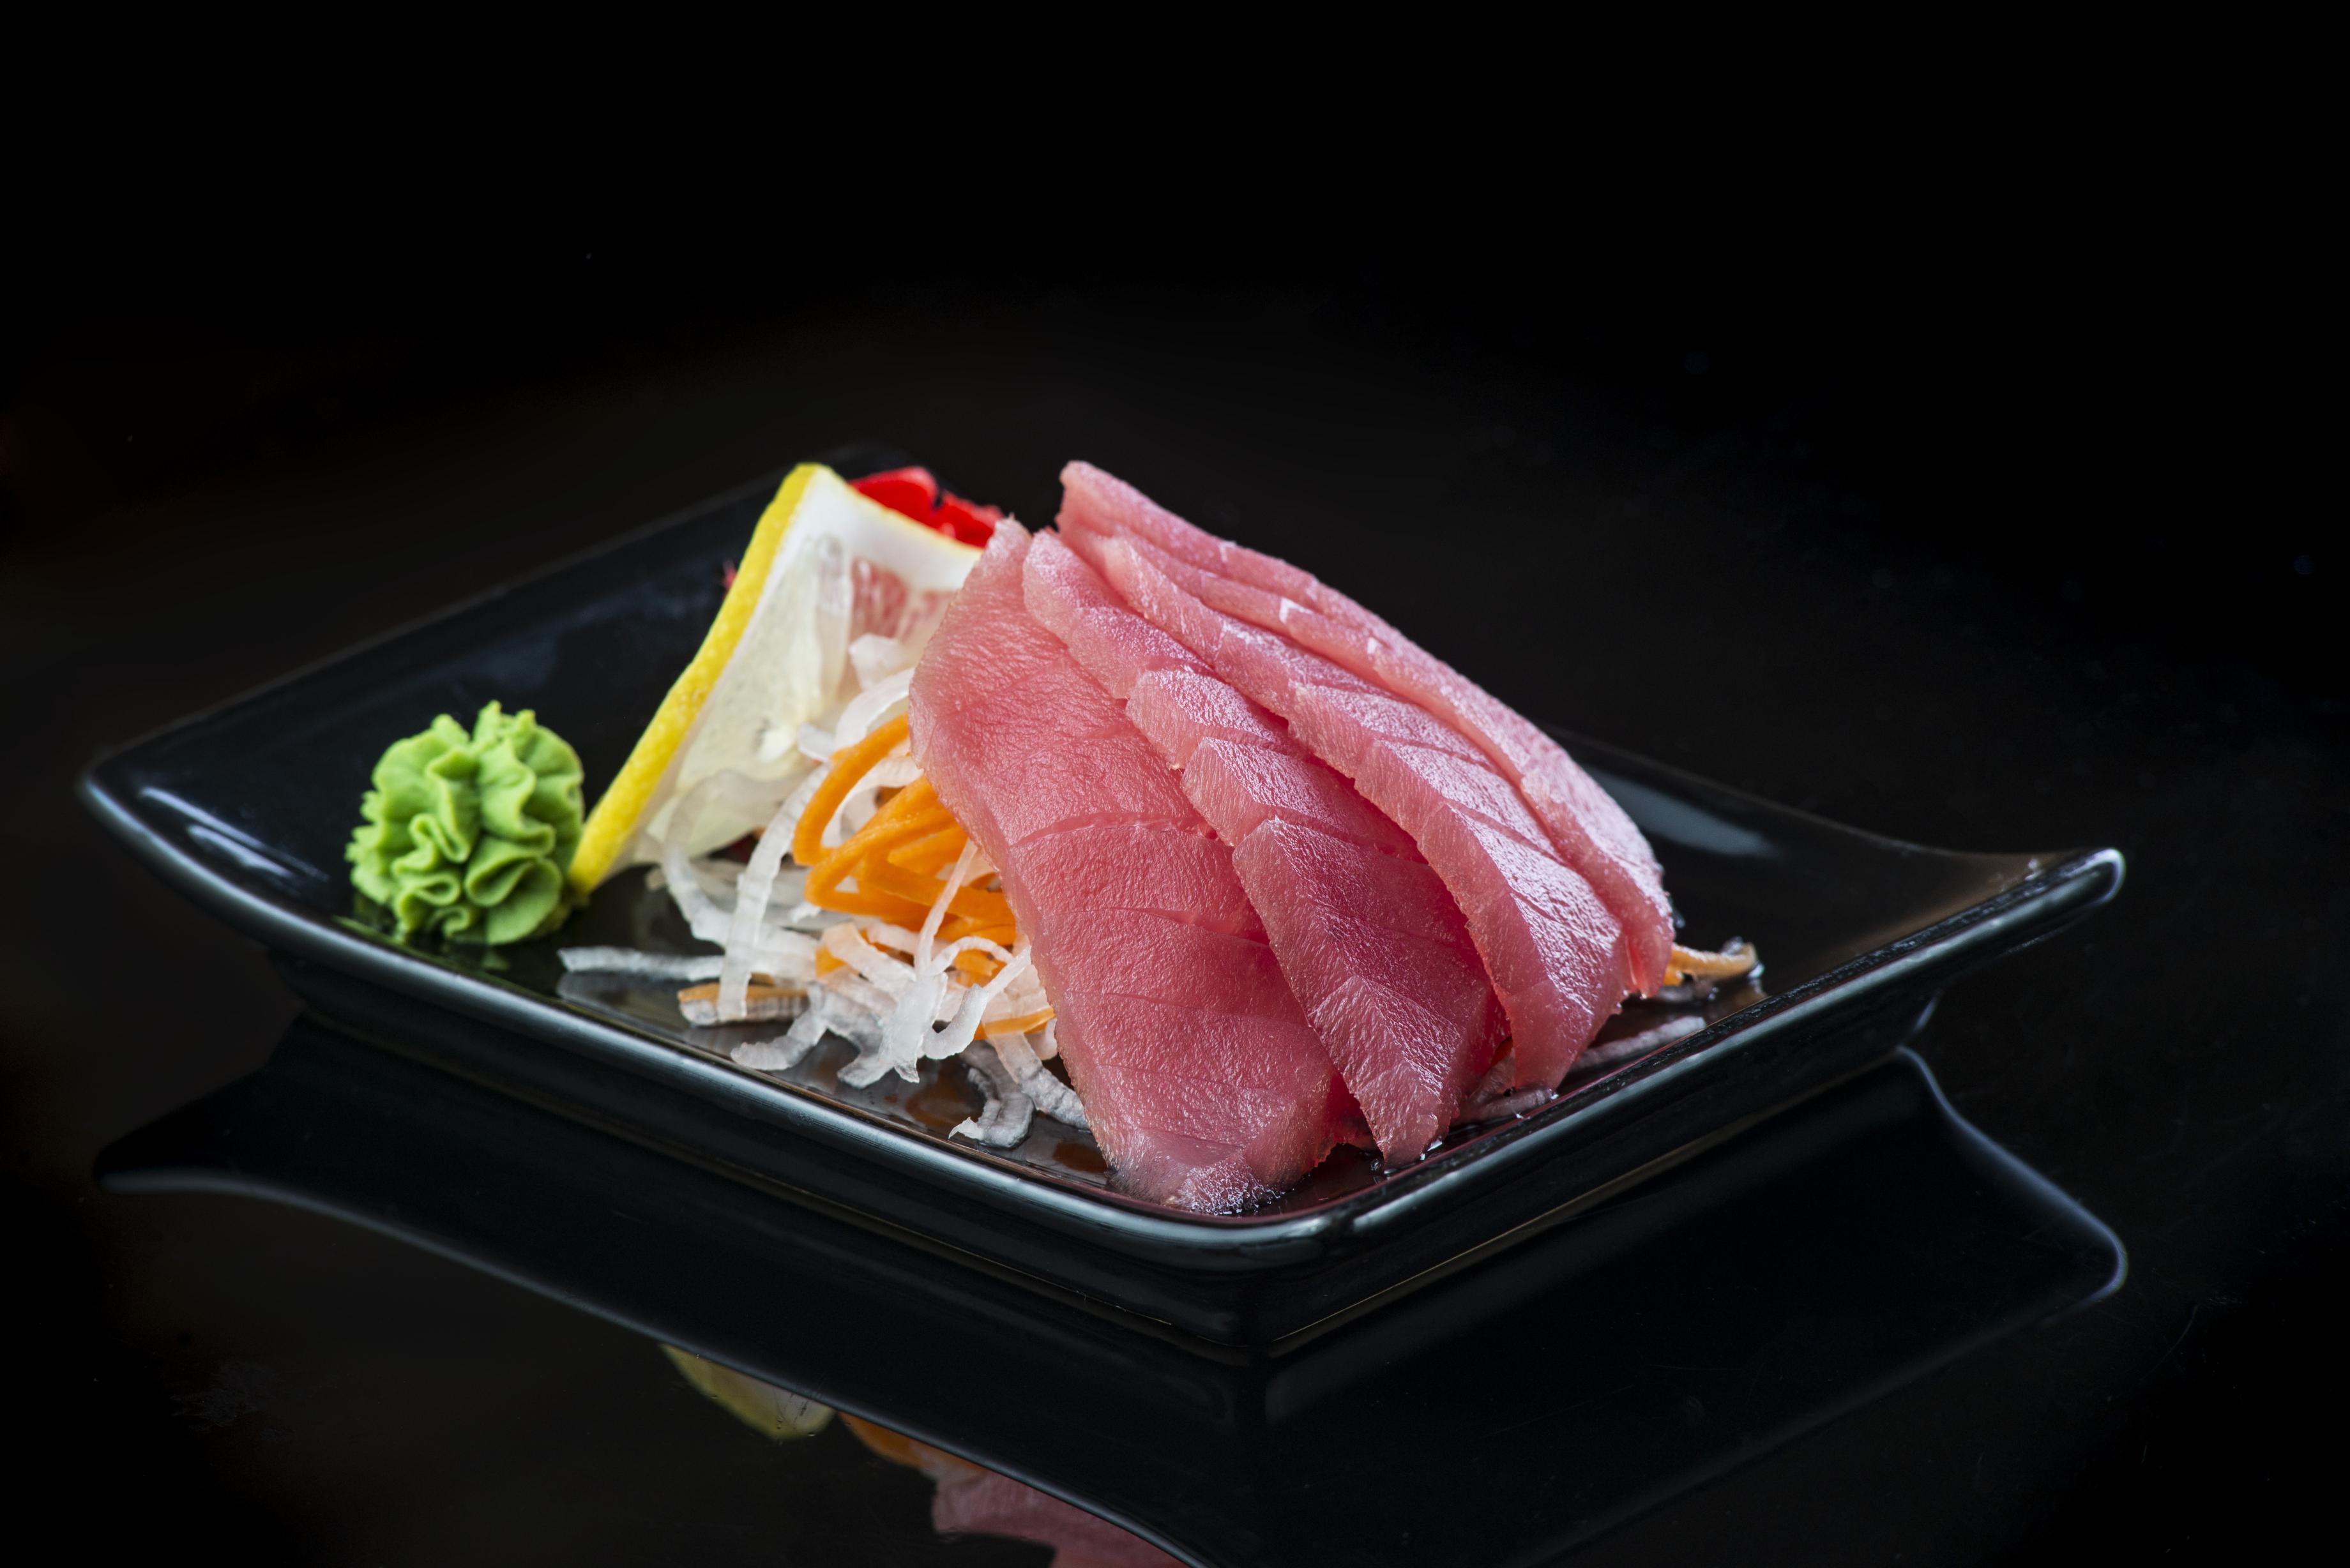 Что такое сашими. как приготовить сашими в домашних условиях | народные знания от кравченко анатолия